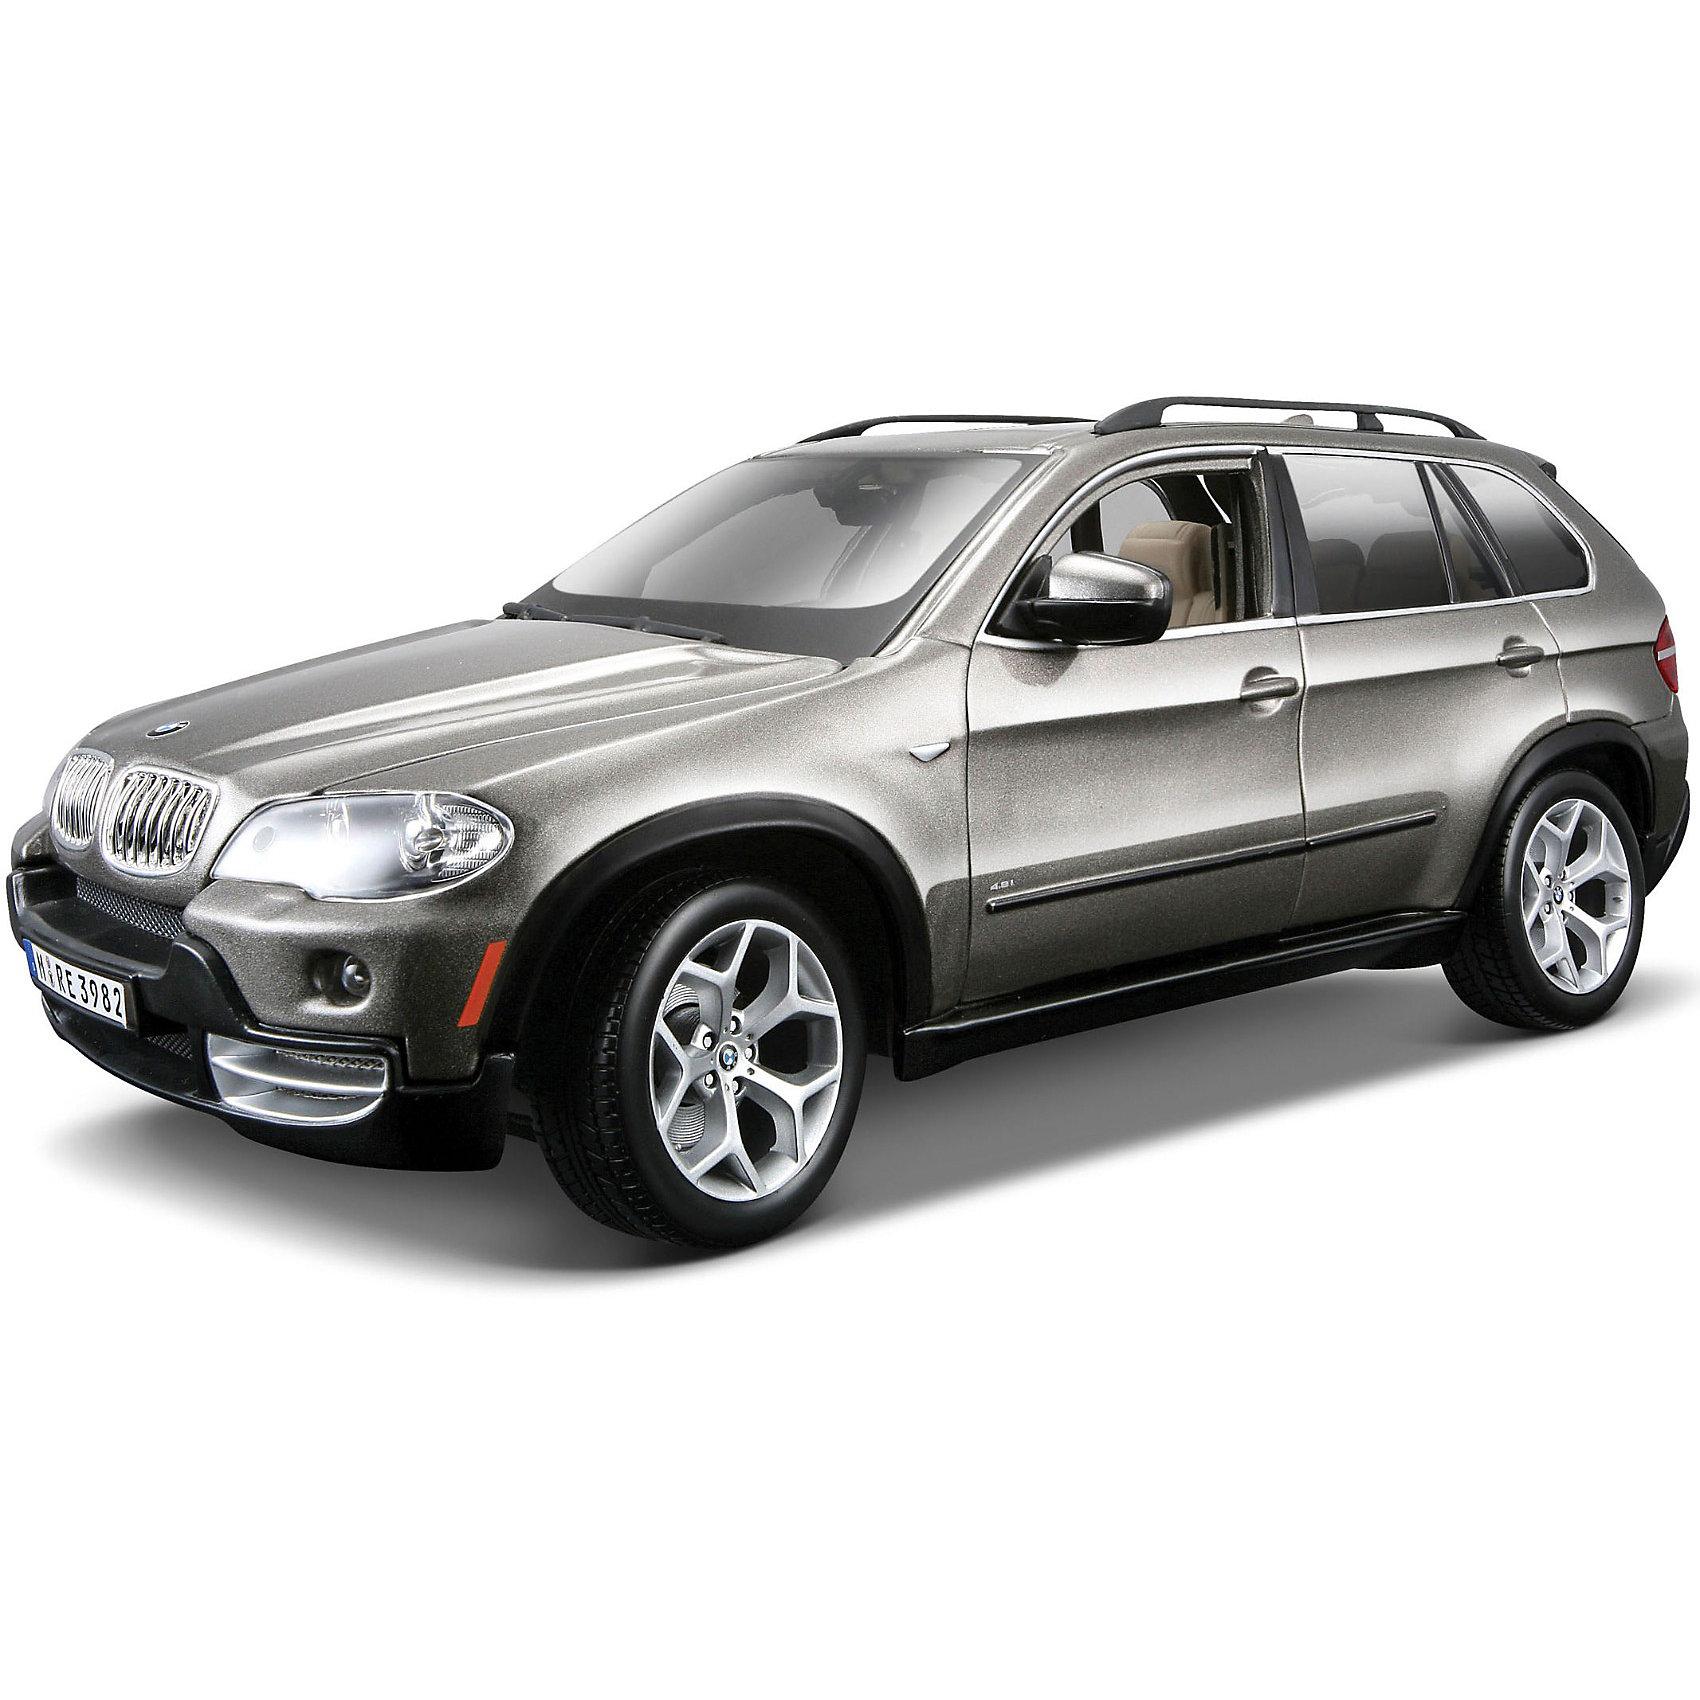 Машина BMW X5 1:18, BburagoКоллекционные модели<br>Модель машины BMW X5, Bburago станет замечательным подарком для автолюбителей и коллекционеров всех возрастов. Модель отличаются высокой степенью детализации и тщательной проработкой всех элементов.<br><br>Машинка BMW X5 представляет собой точную копию настоящего автомобиля в масштабе 1:18. Впервые внедорожник BMW X5 была представлен в 1999 году на автосалоне в Детройте, автомобиль сочетает в себе комфорт, динамику и высокие качества внедорожника. Модель от Bburago оснащена прочными стеклами и зеркалами заднего вида, интерьер салона и панель управления тщательно проработаны. Двери, багажник и капот открываются. Корпус модели выполнен из металла с элементами из пластика.<br><br>Дополнительная информация:<br><br>- Материал: металл, пластик, колеса прорезиненные.<br>- Масштаб: 1:18.<br>- Размер: 12 х 29,6 х 17,5 см.<br>- Вес: 1,12 кг. <br><br>Модель машины BMW X5, Bburago (Бураго) можно купить в нашем интернет-магазине.<br><br>Ширина мм: 296<br>Глубина мм: 120<br>Высота мм: 200<br>Вес г: 1030<br>Возраст от месяцев: 144<br>Возраст до месяцев: 1164<br>Пол: Мужской<br>Возраст: Детский<br>SKU: 3369435